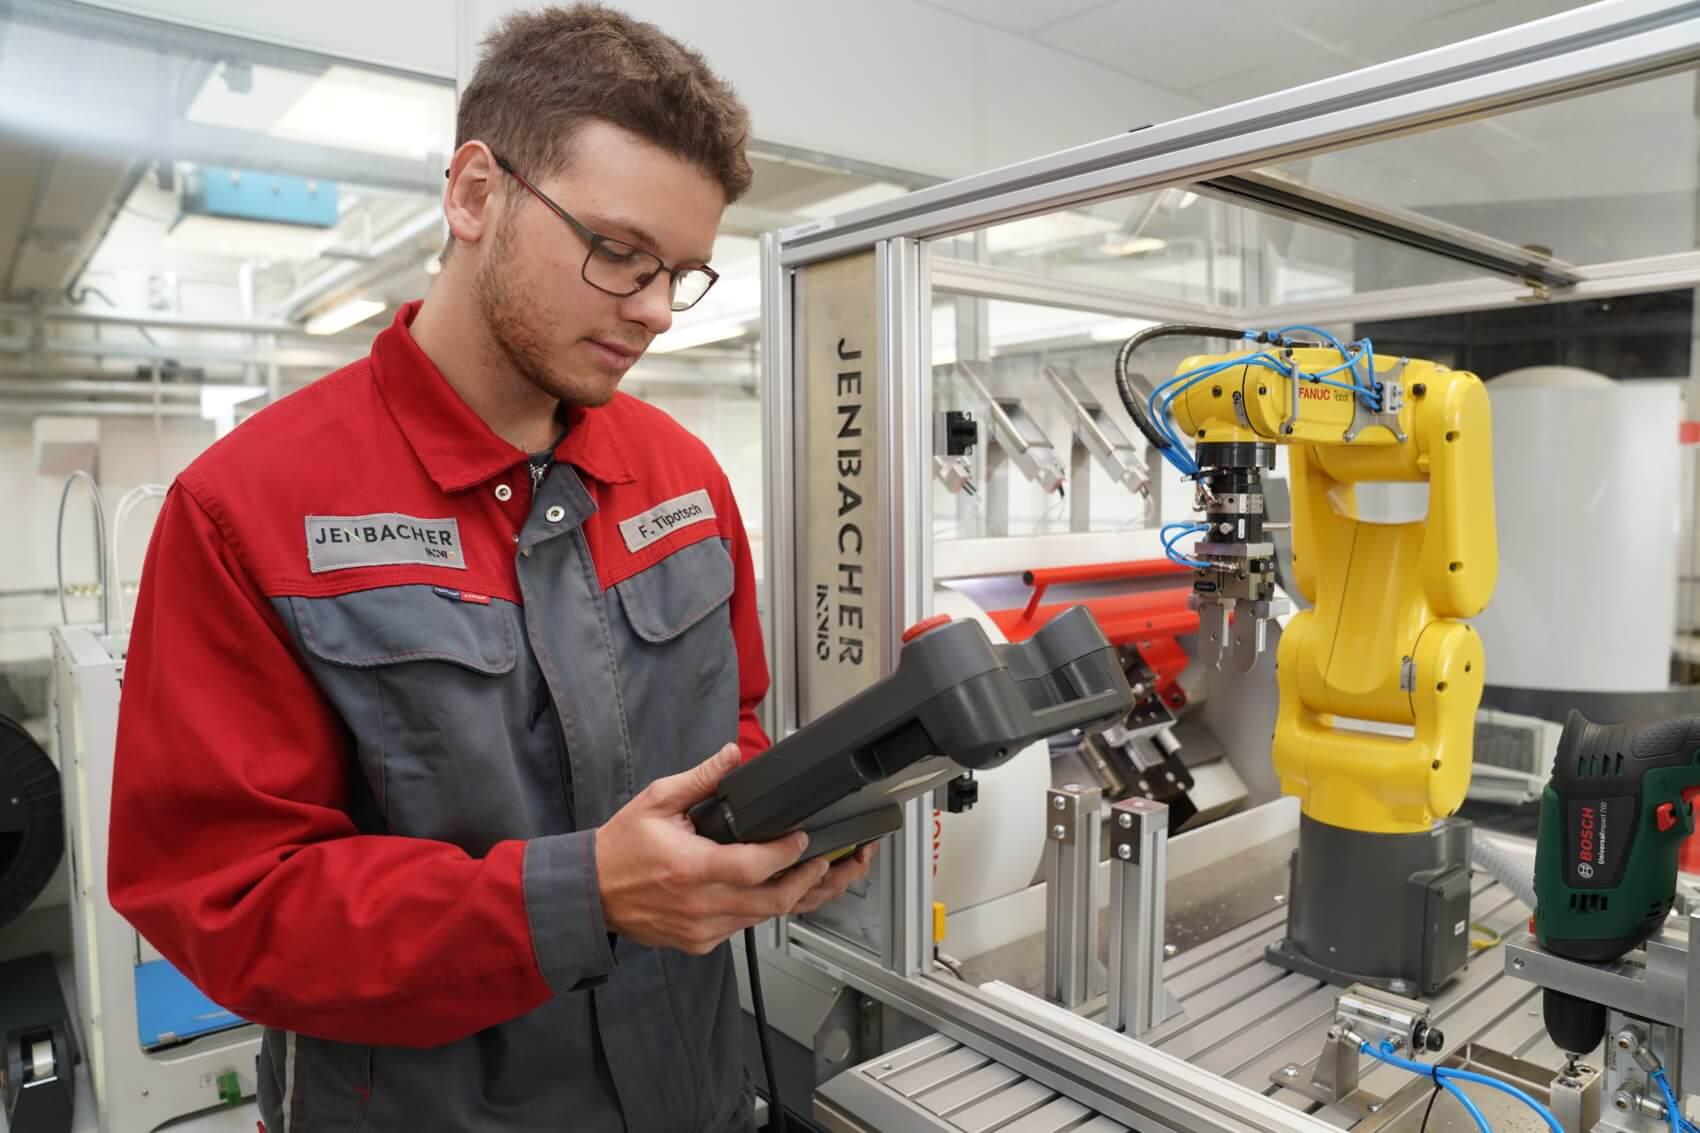 Mechatroniker verbinden mechanische, elektronische und informationstechnische Teile. Florian Tipotsch bei der Programmierung eines Roboters.